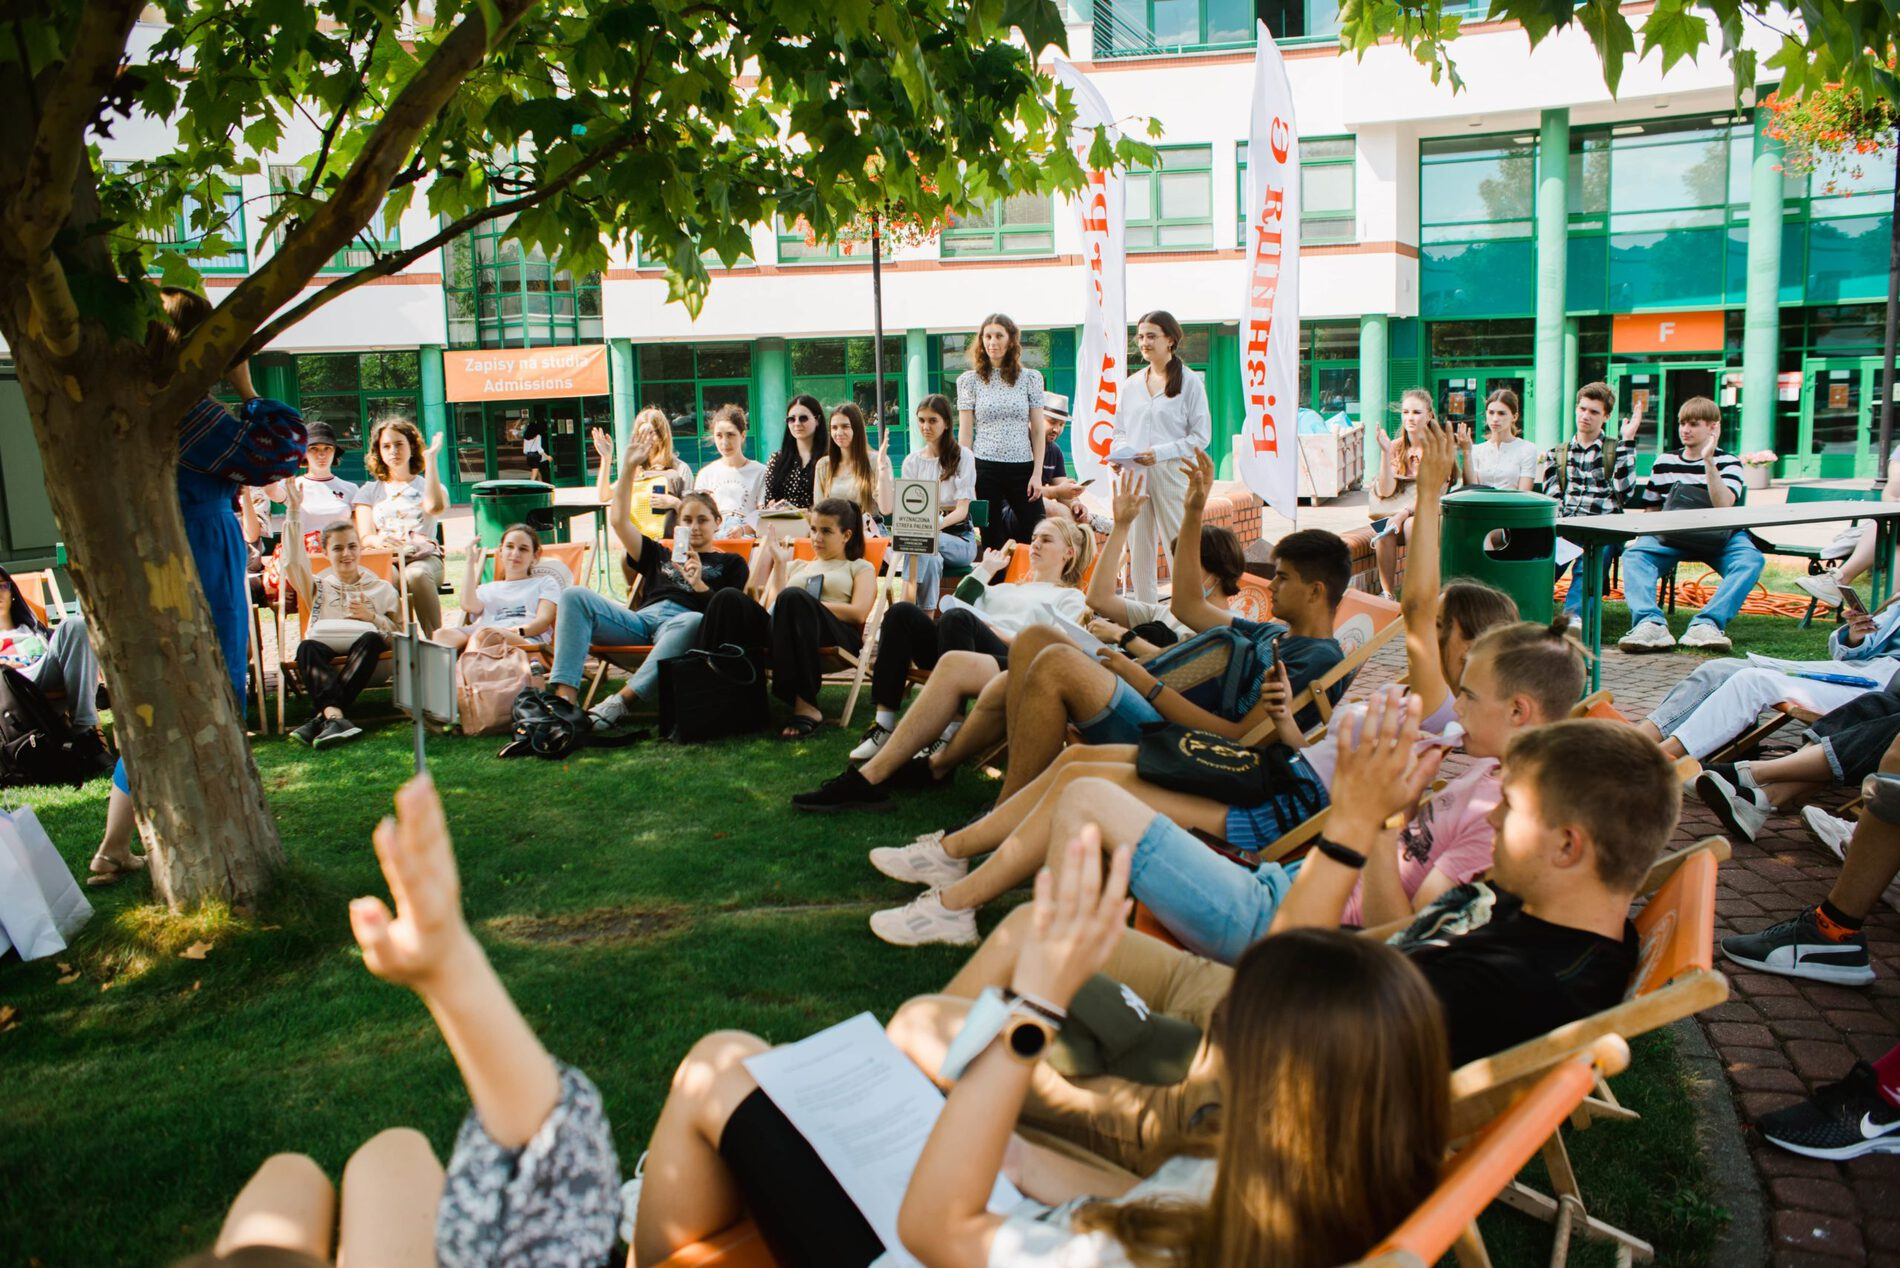 Летний языковой лагерь в Варшаве: отчет первой недели - UniverPL